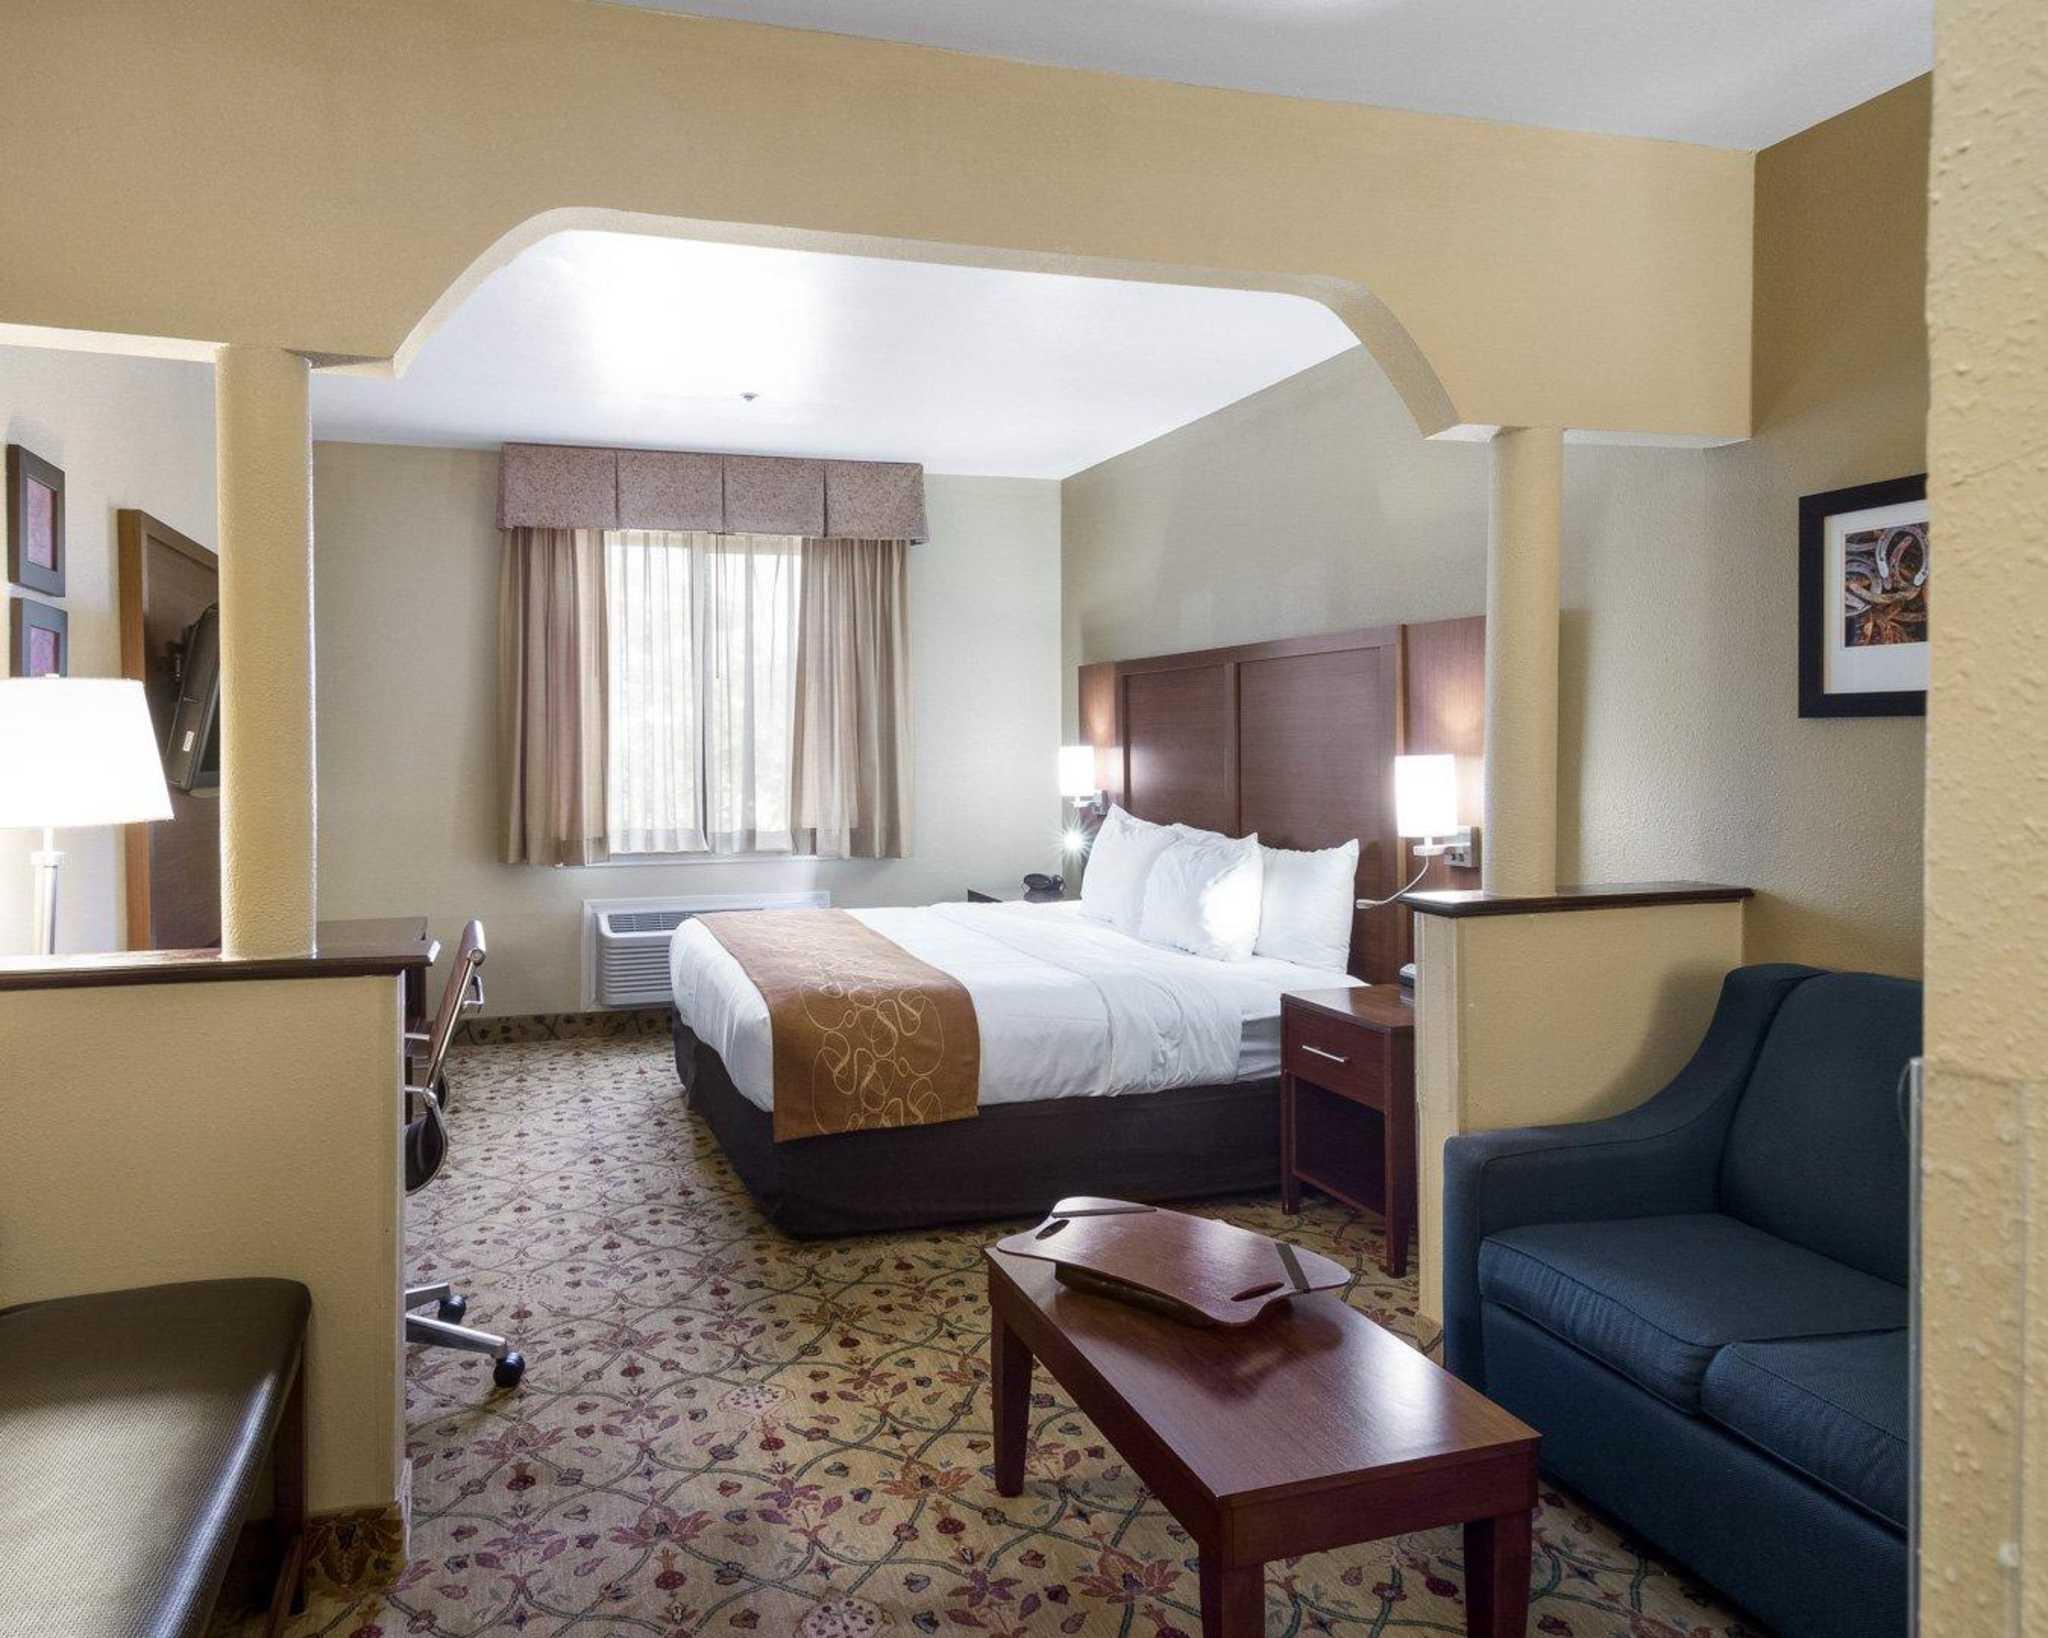 Quality Suites - Midland, TX 79705 - (432)620-9191 | ShowMeLocal.com